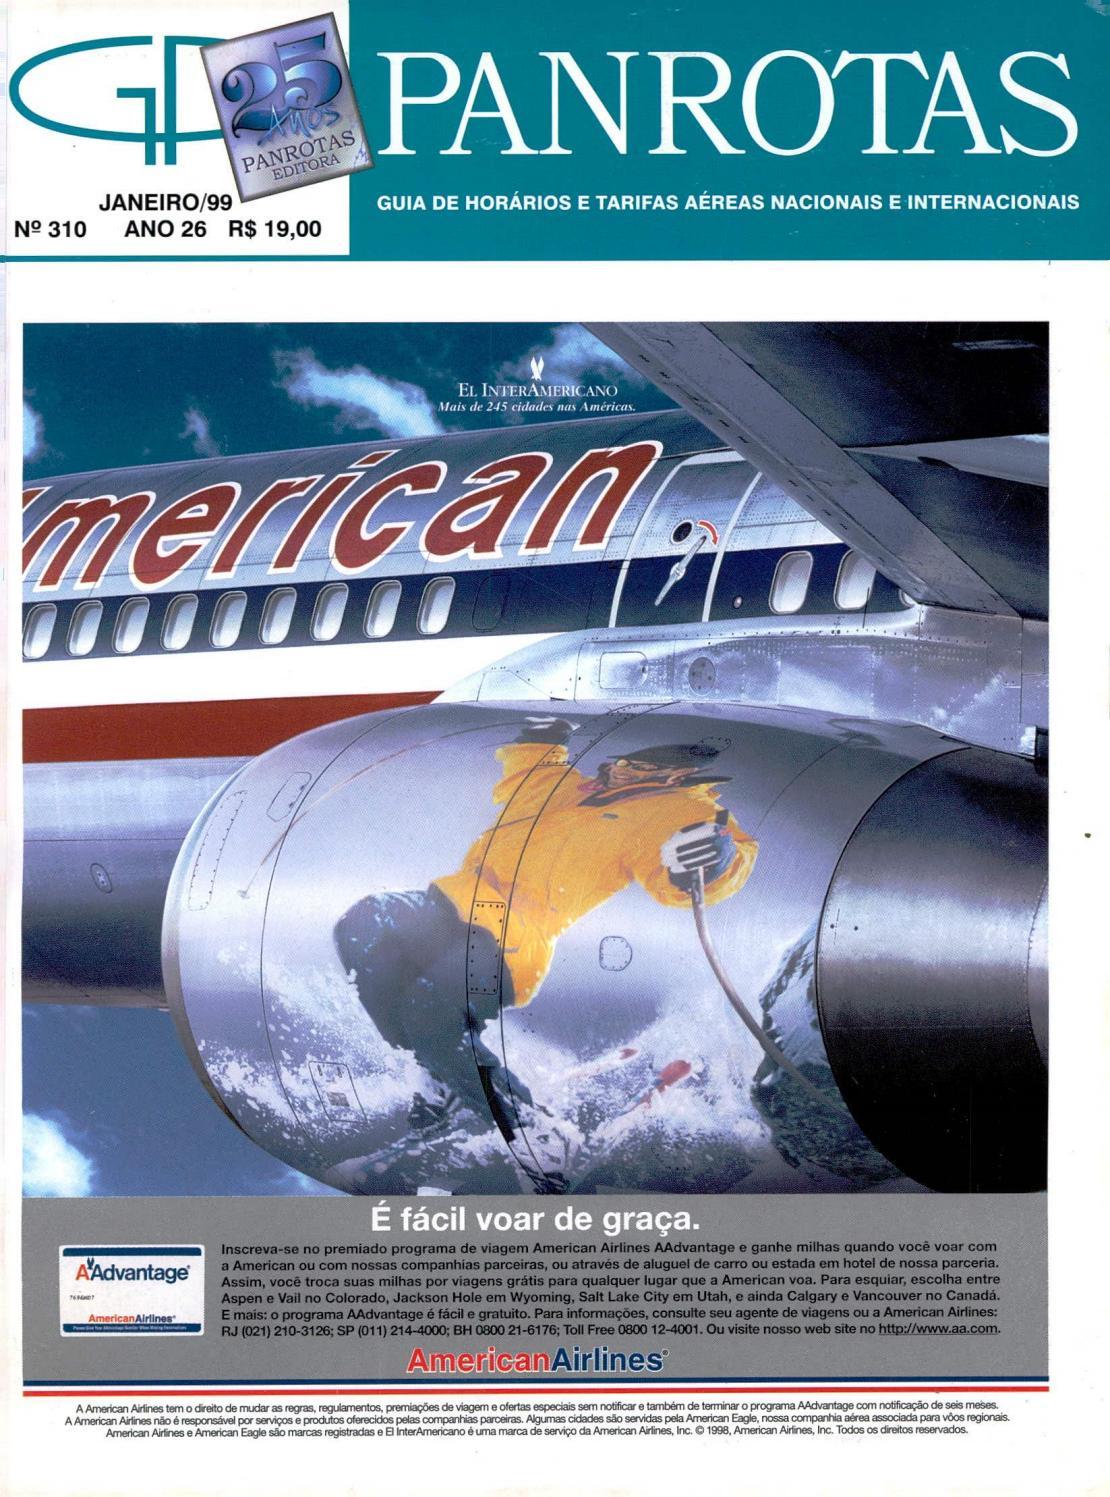 8e2fda84d47 Guia Panrotas - Edição 310 - Janeiro 1999 by PANROTAS Editora - issuu